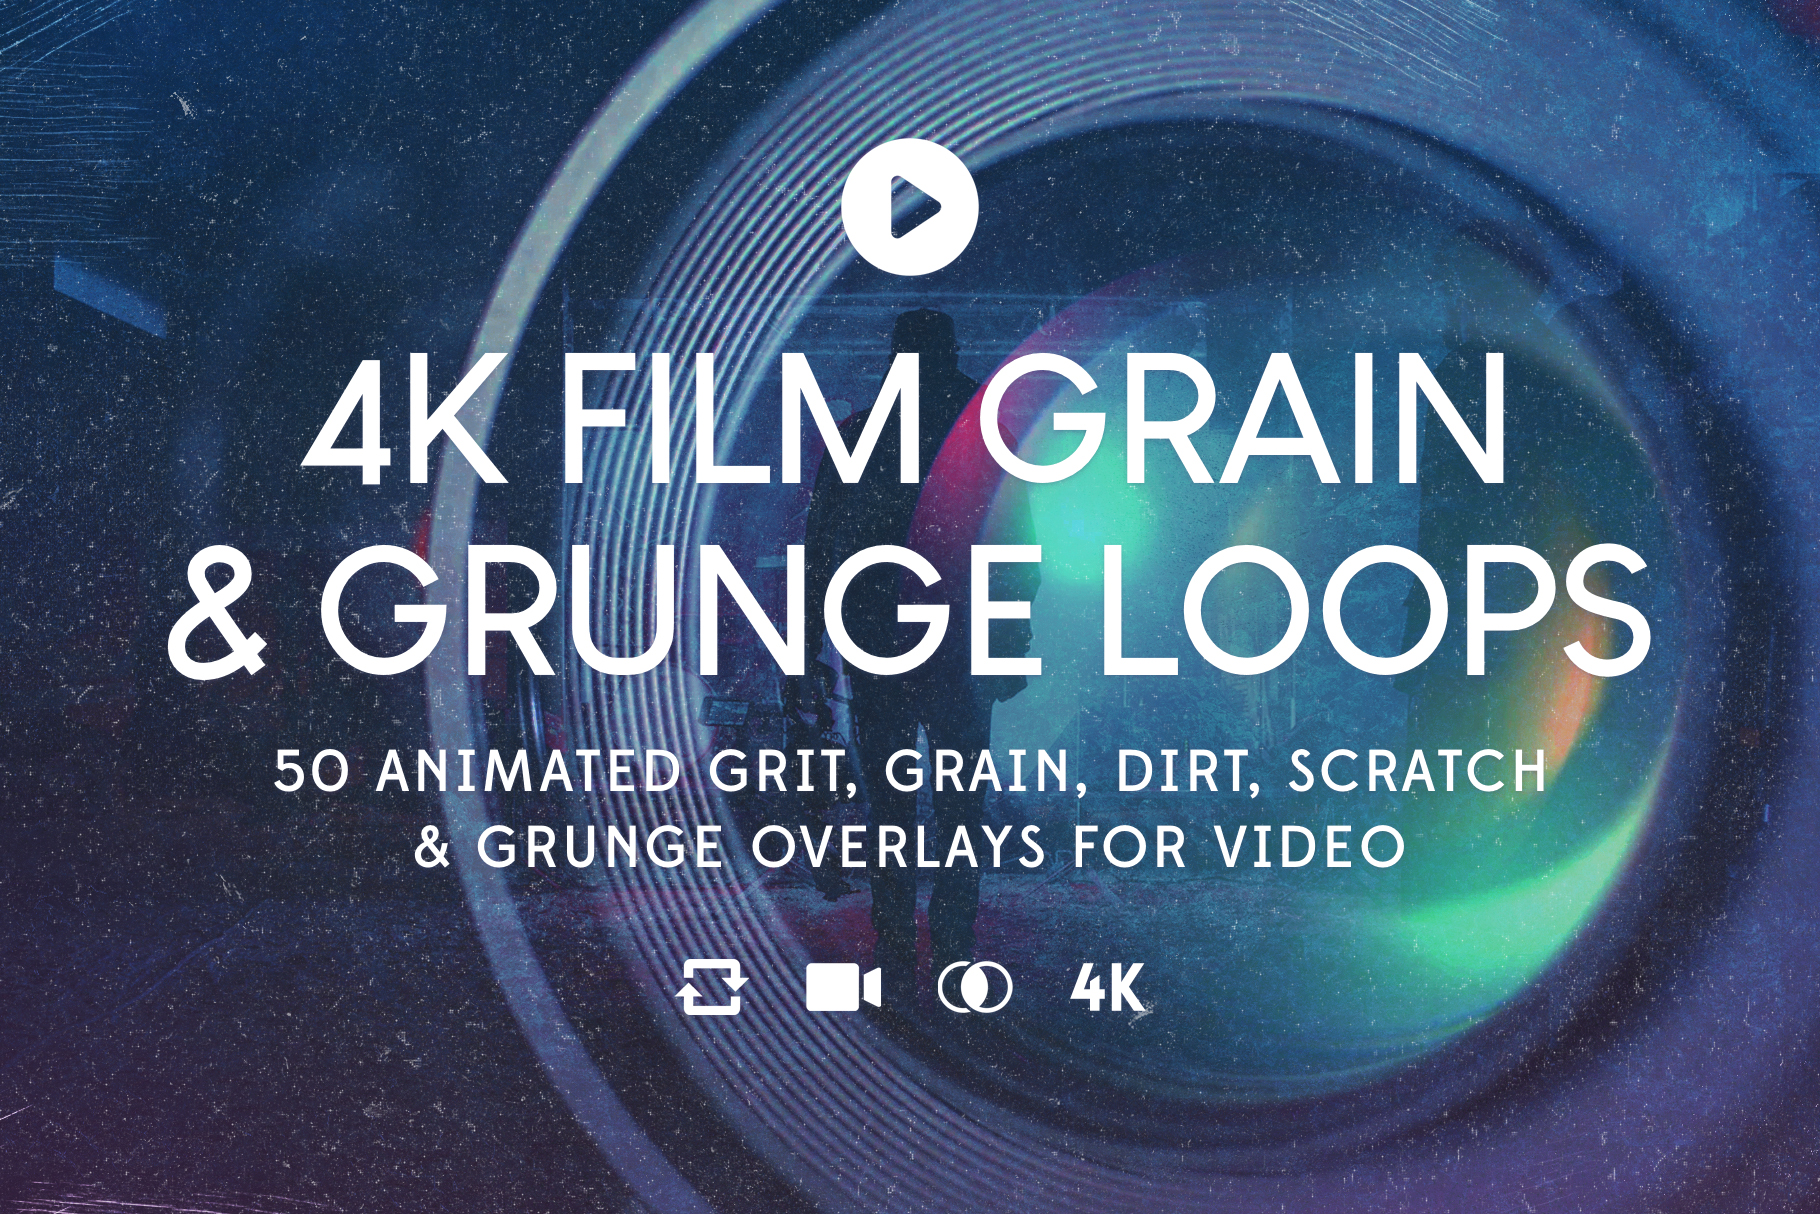 50 4K Film Grain & Grunge Loops for Video by Liam McKay